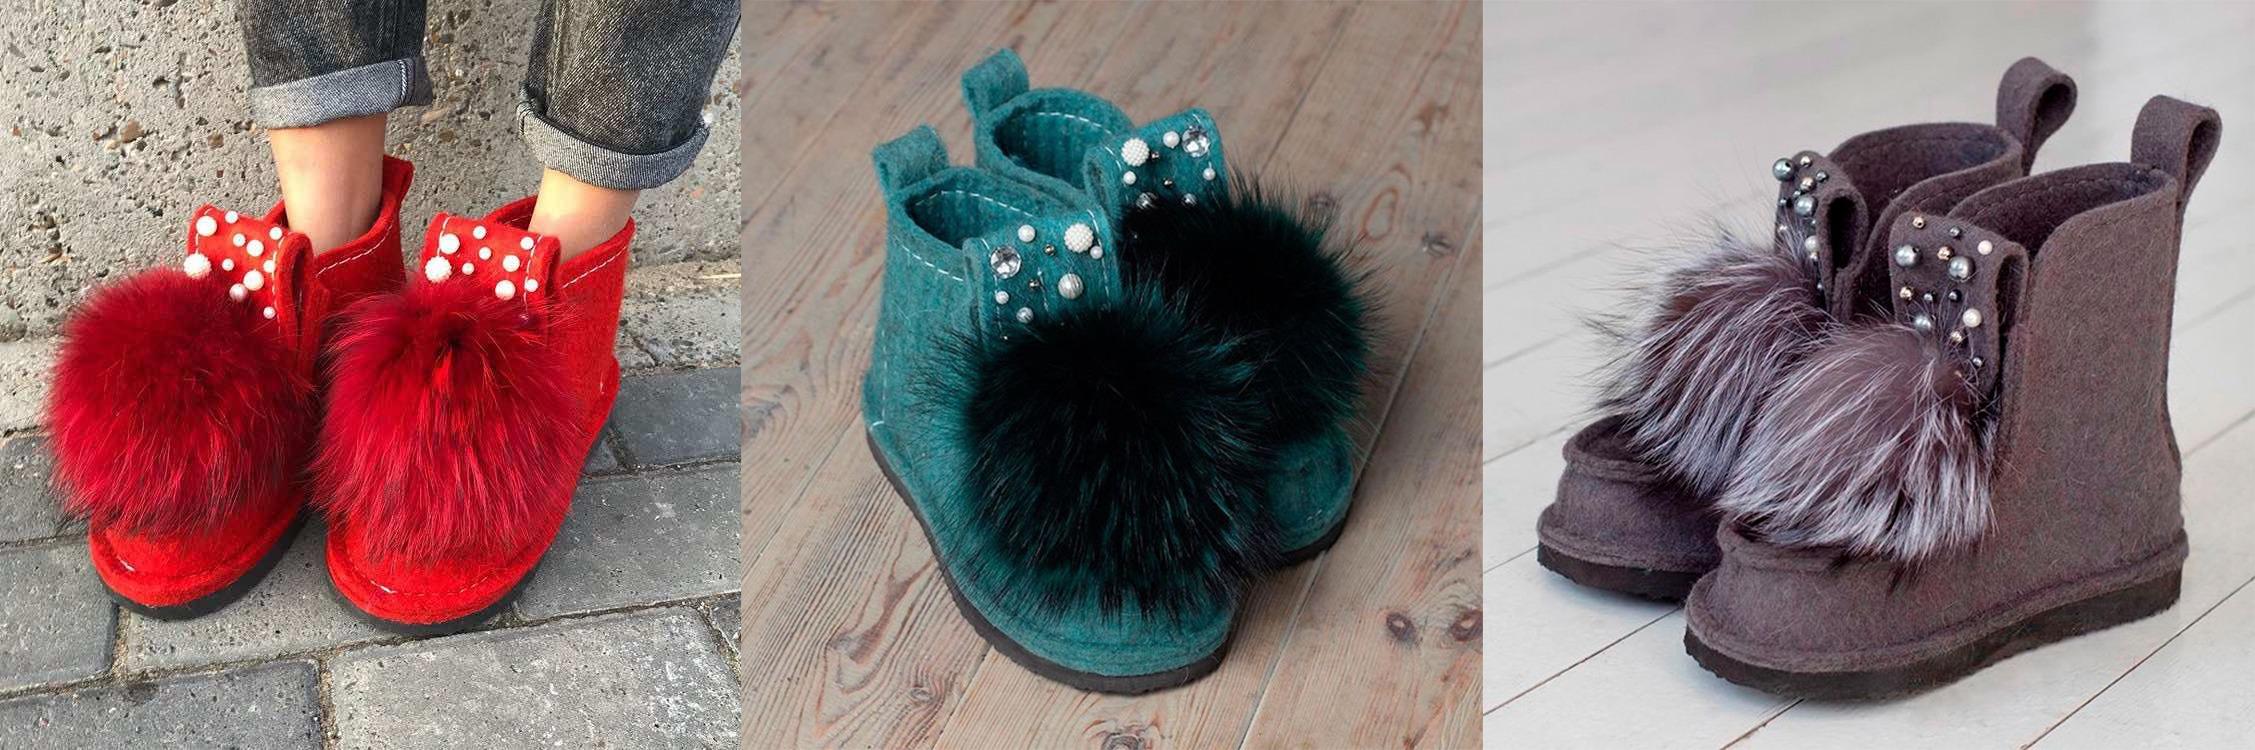 Кейс: сливаем с Instagram на женскую обувь